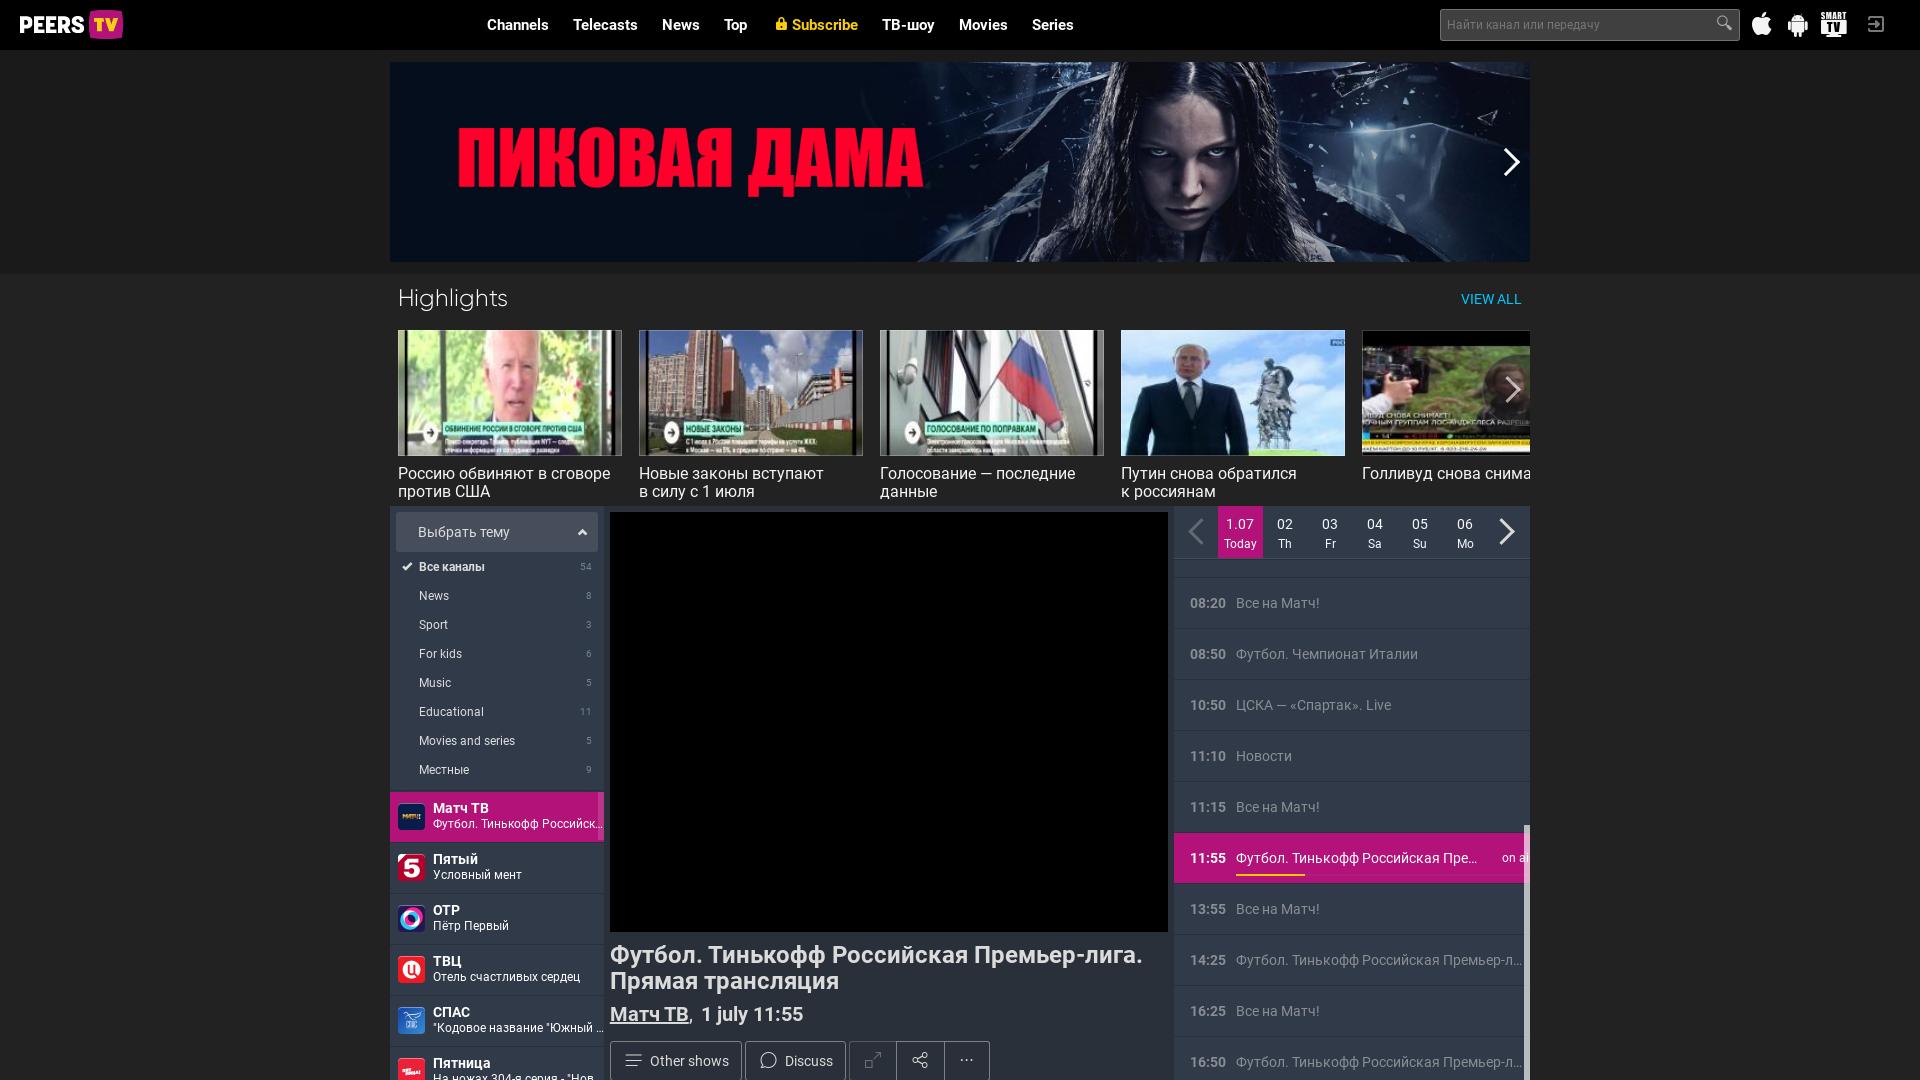 PeersTV WW website